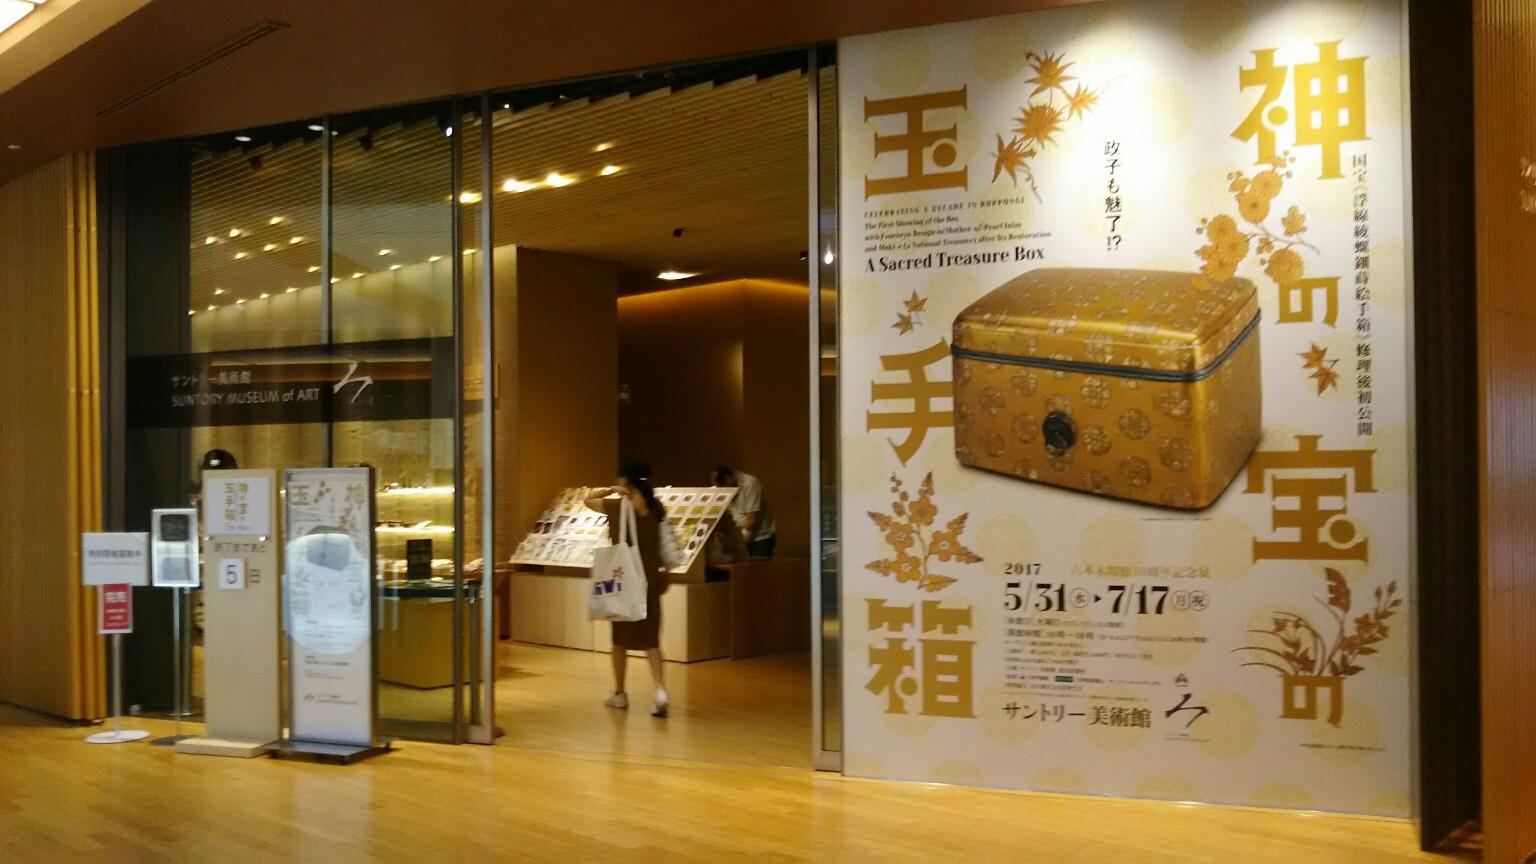 『神の宝の玉手箱』 展で800年を時間を想う